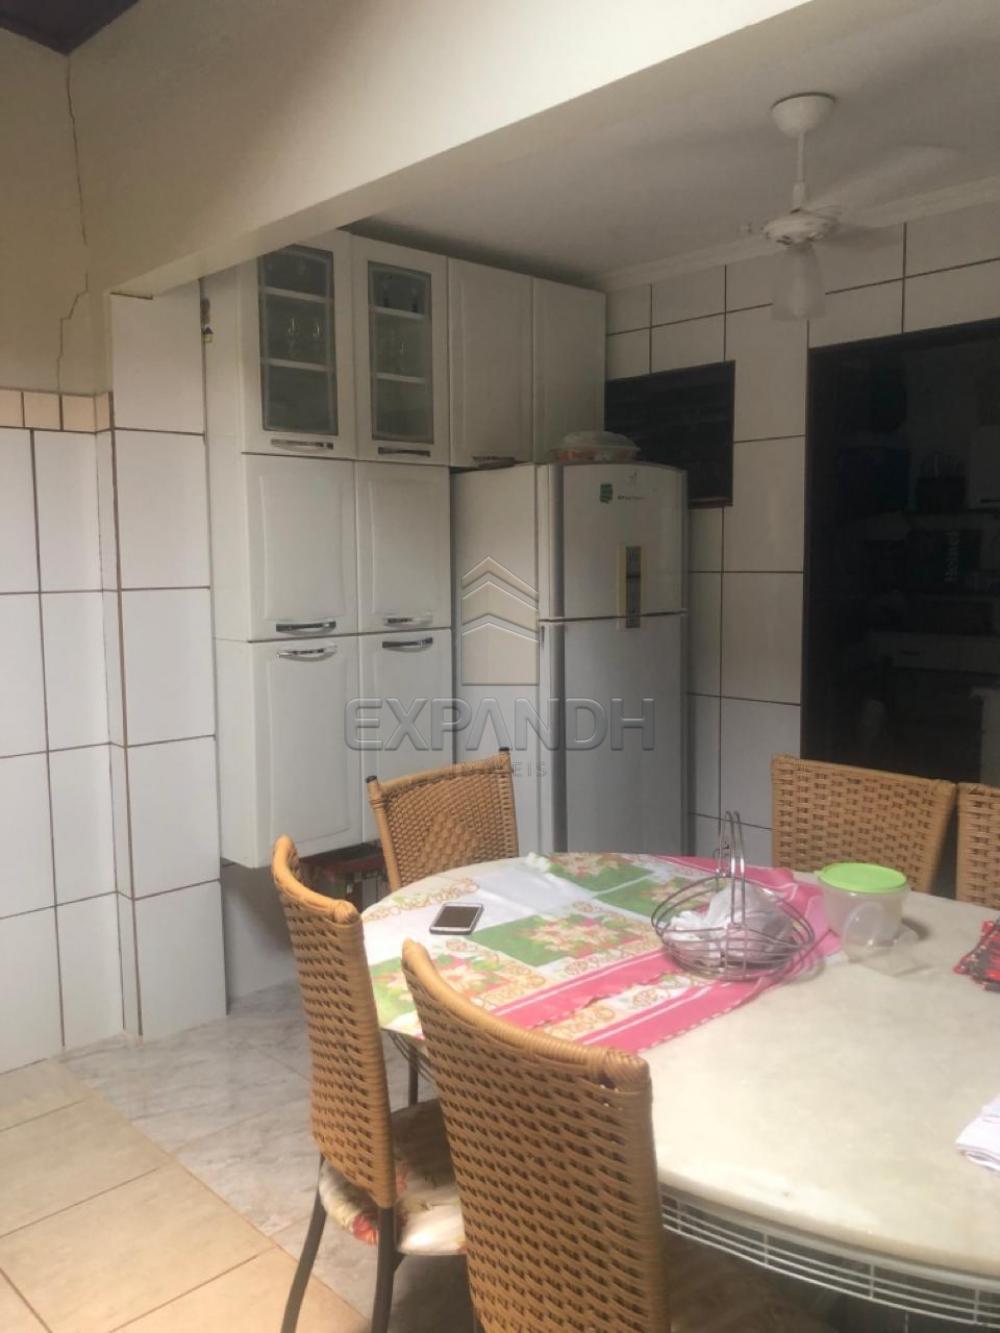 Comprar Casas / Padrão em Sertãozinho R$ 370.000,00 - Foto 20